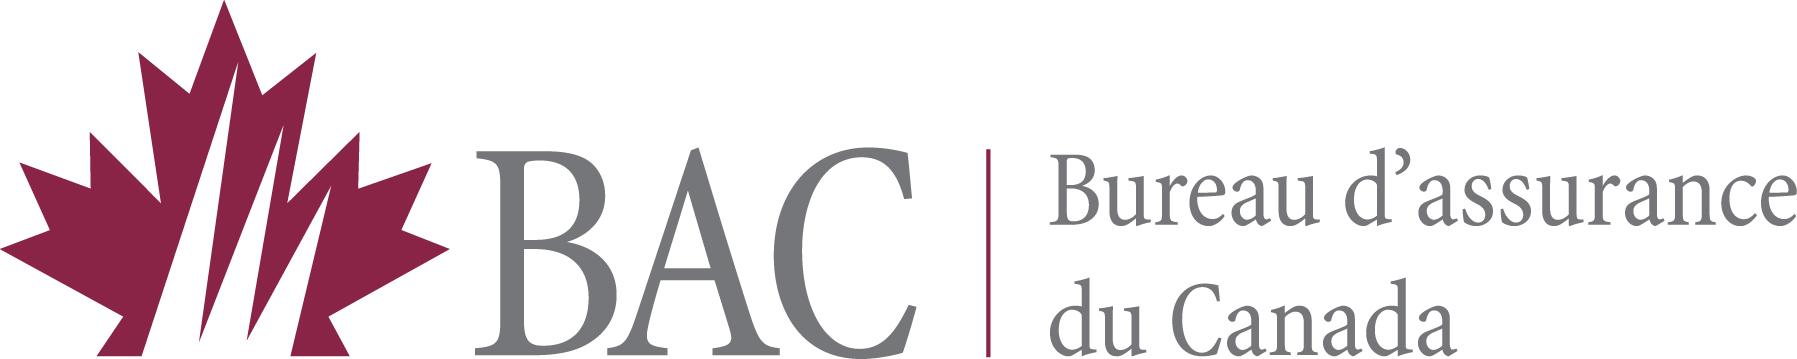 Logoi BAC